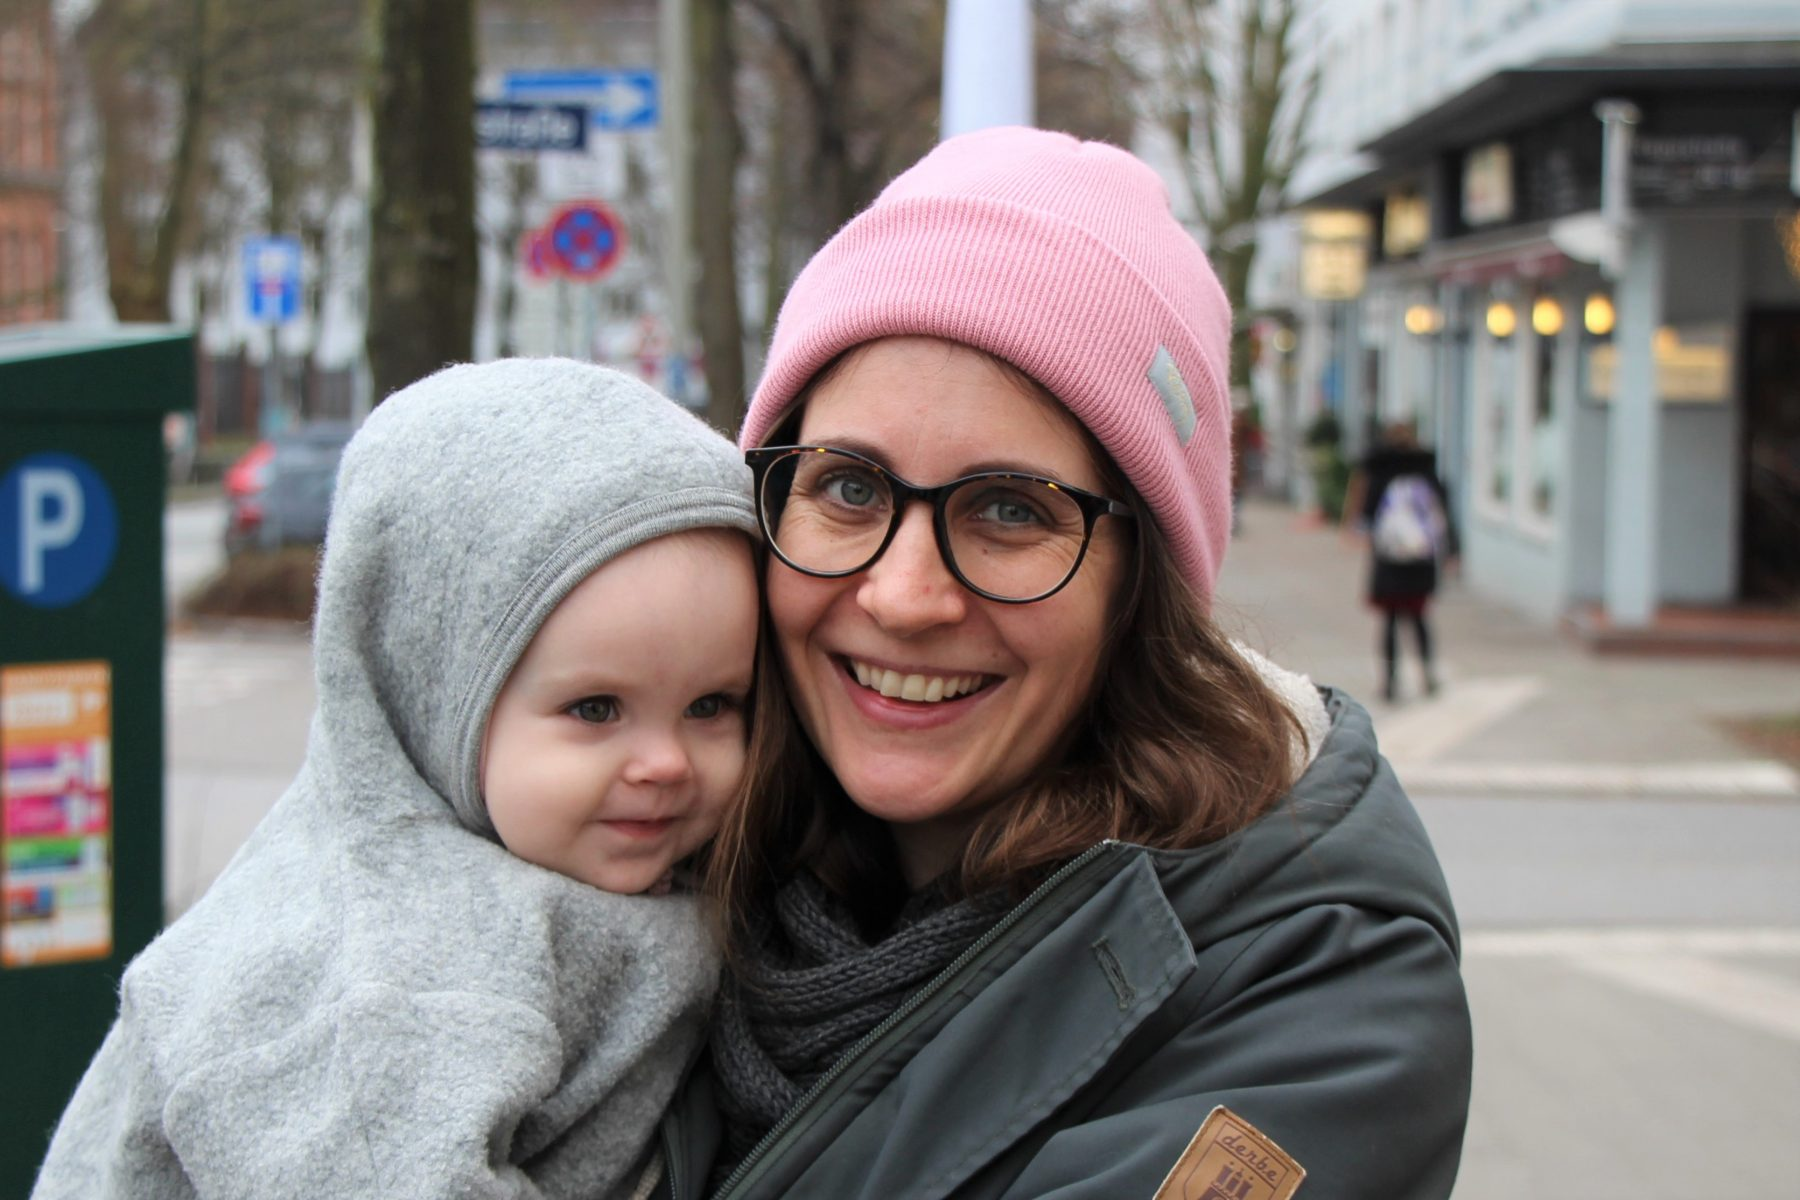 Lisa und ihre Tochter Alva haben immer Glück mit einem Parkplatz im Grindelviertel. Foto: Fabian Sigurd Severin.